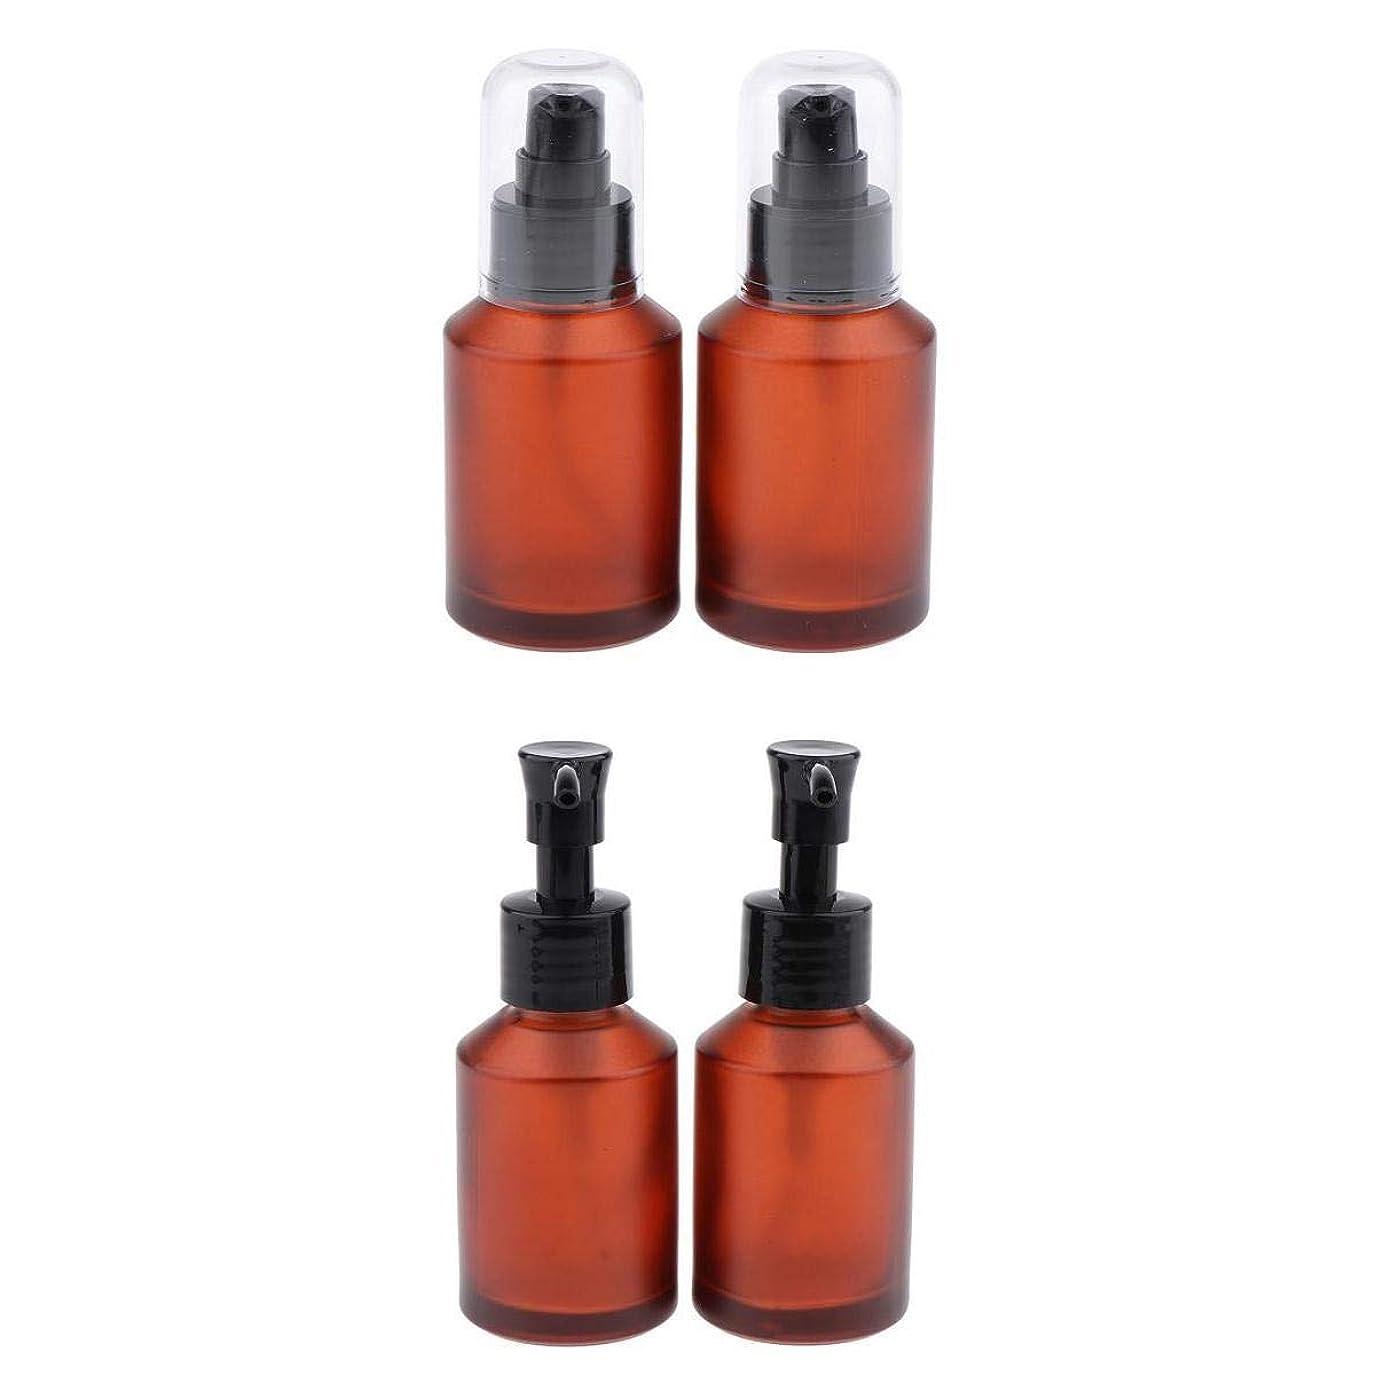 姿勢飢隣接T TOOYFUL 4個セット スプレーボトル スポイト瓶 遮光瓶 ガラス製 精油瓶 詰め替え アロマ保存容器 小分け用